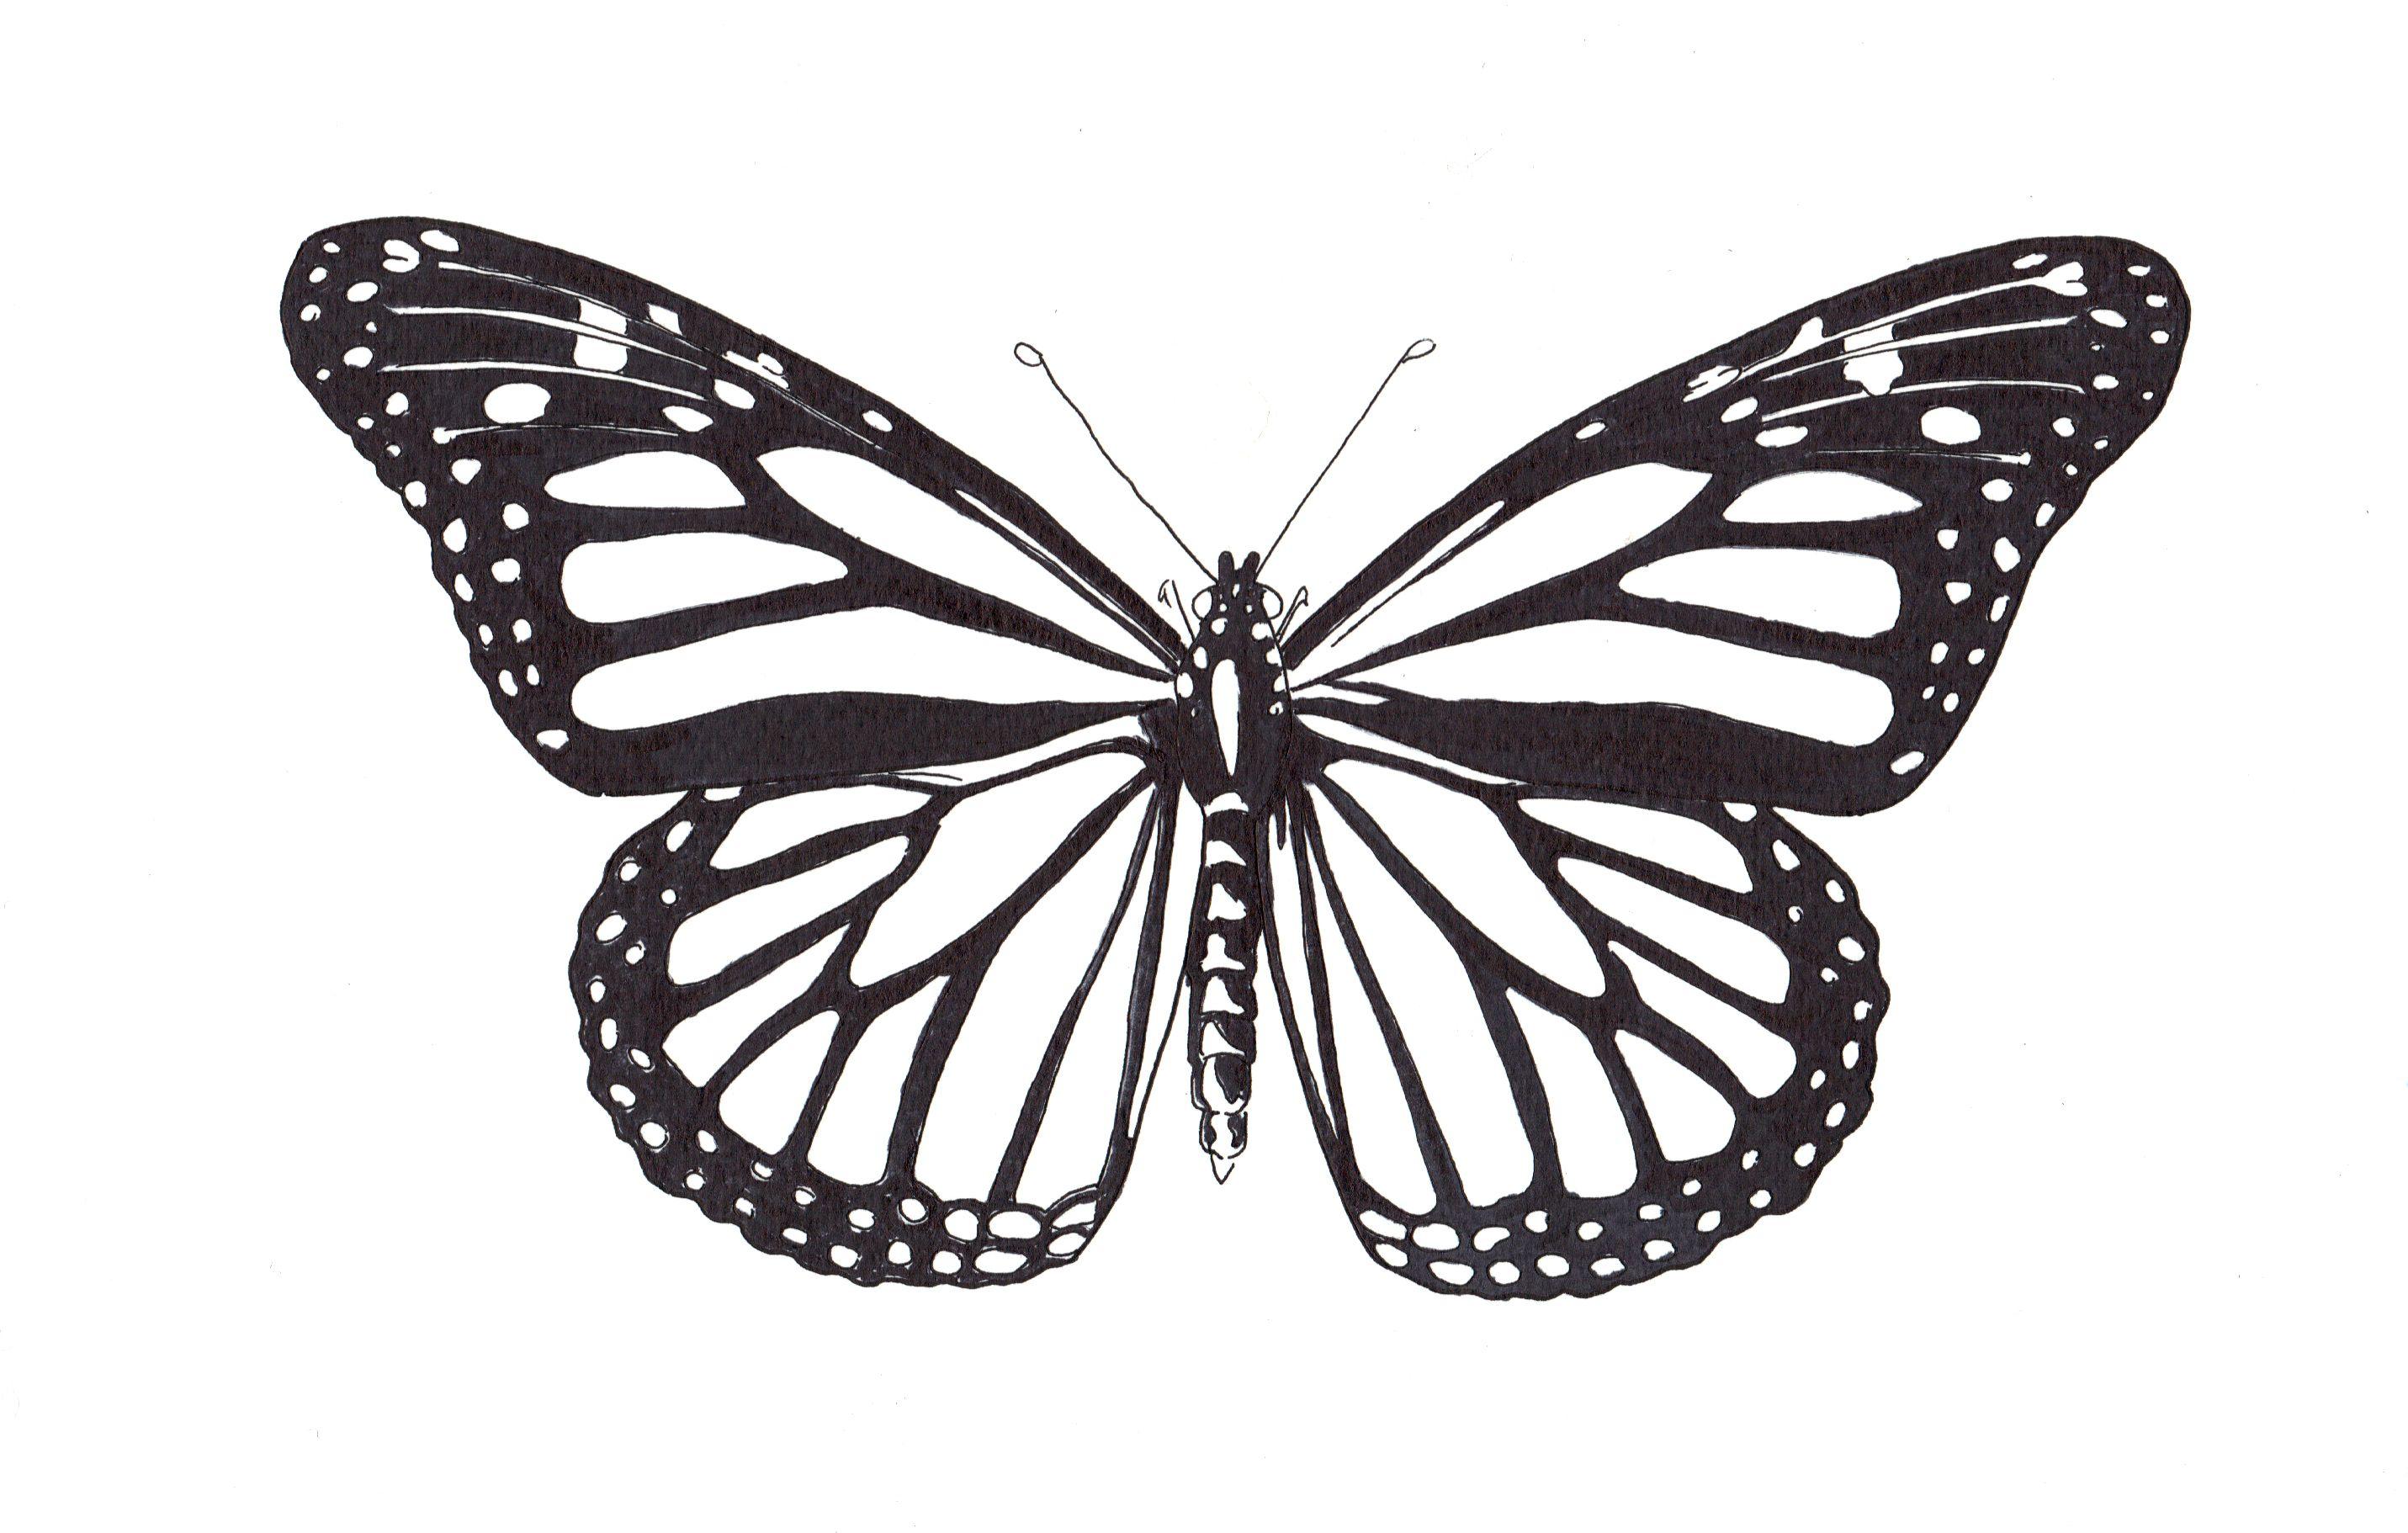 dessin de tatouage de prenon sur les main